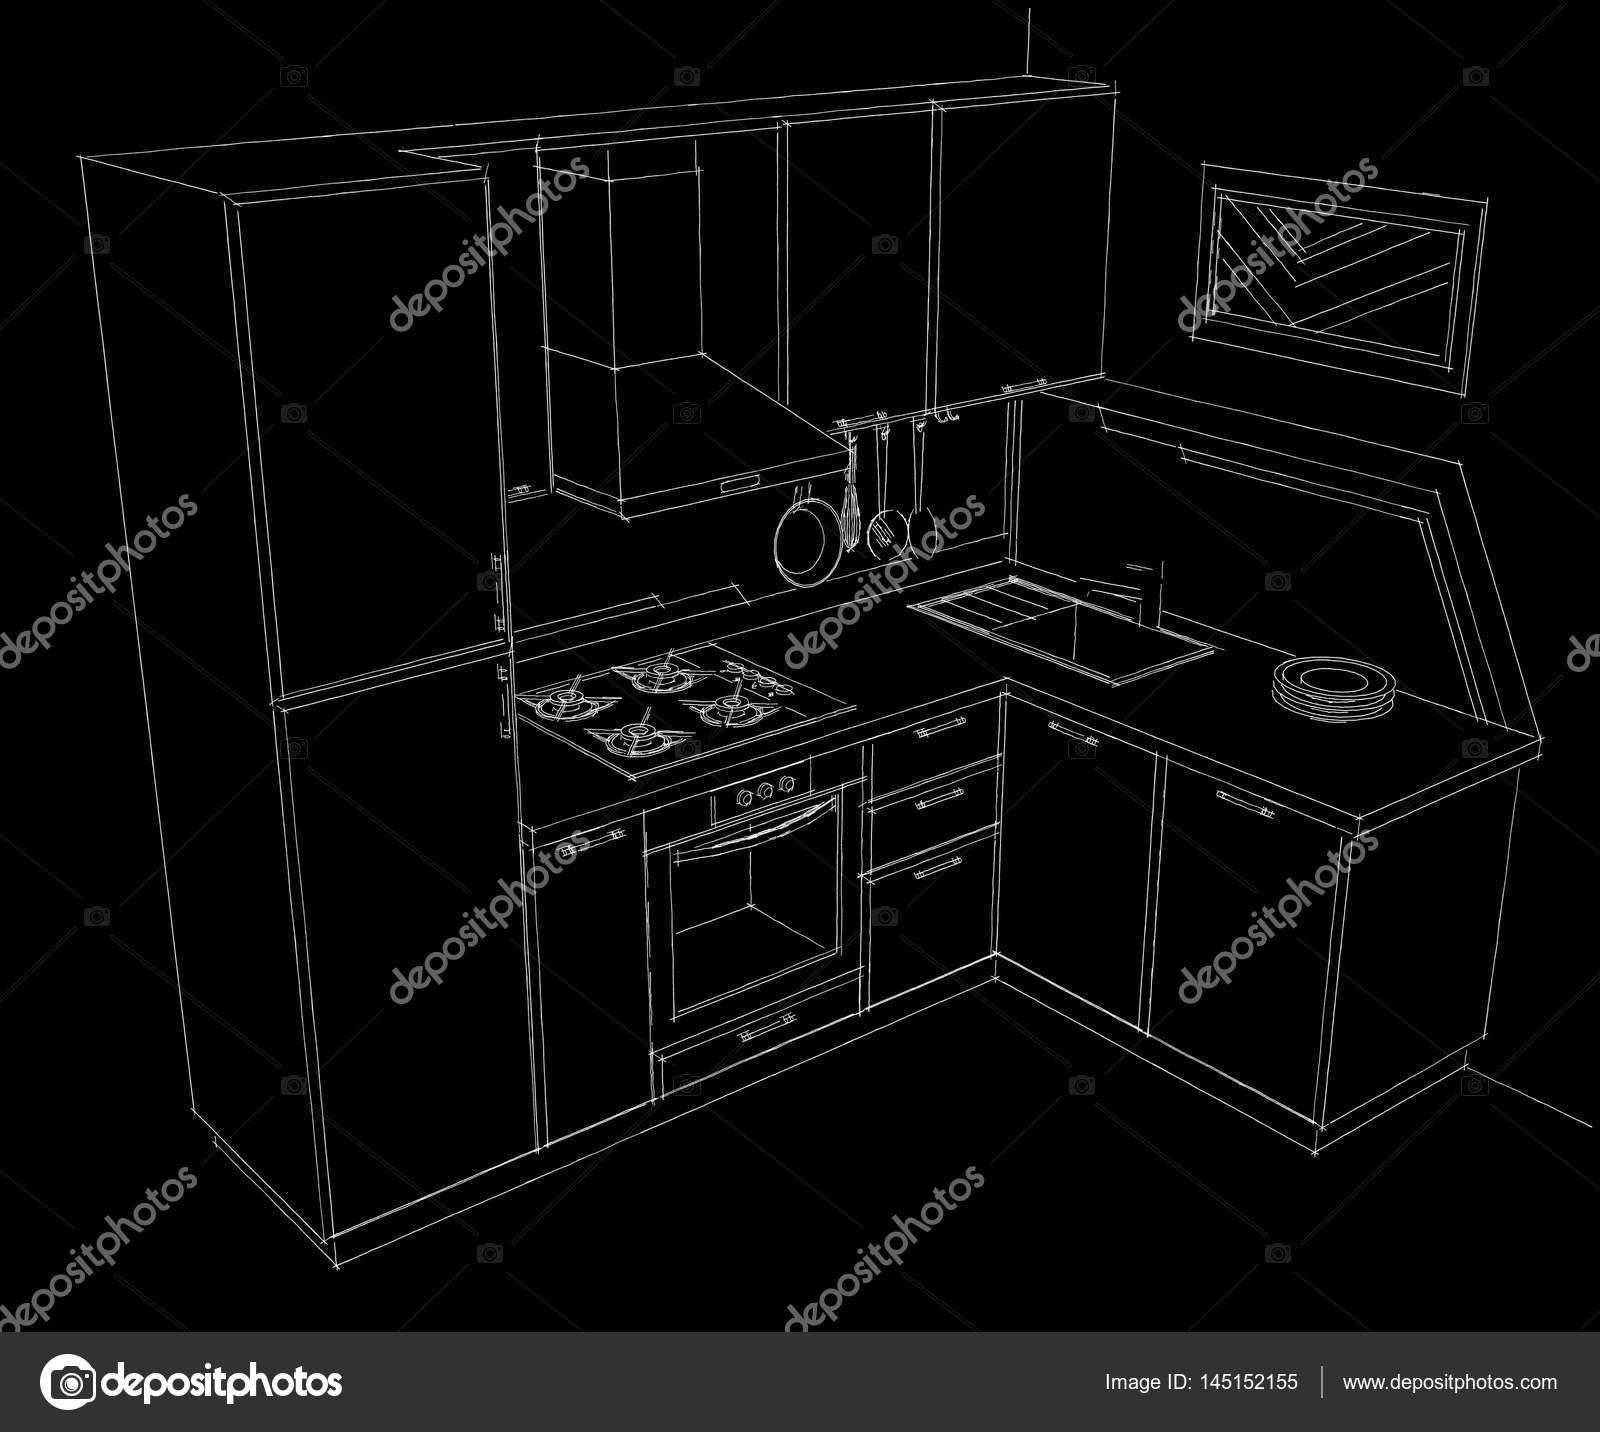 corner hutch kitchen french country chairs 黑色和白色手绘插画的小小的角落带内置冰箱的厨房 图库照片 c scale 08 黑色和白色手绘插画的小角落厨房与内置的冰箱 全景视图 照片作者scale mail ru